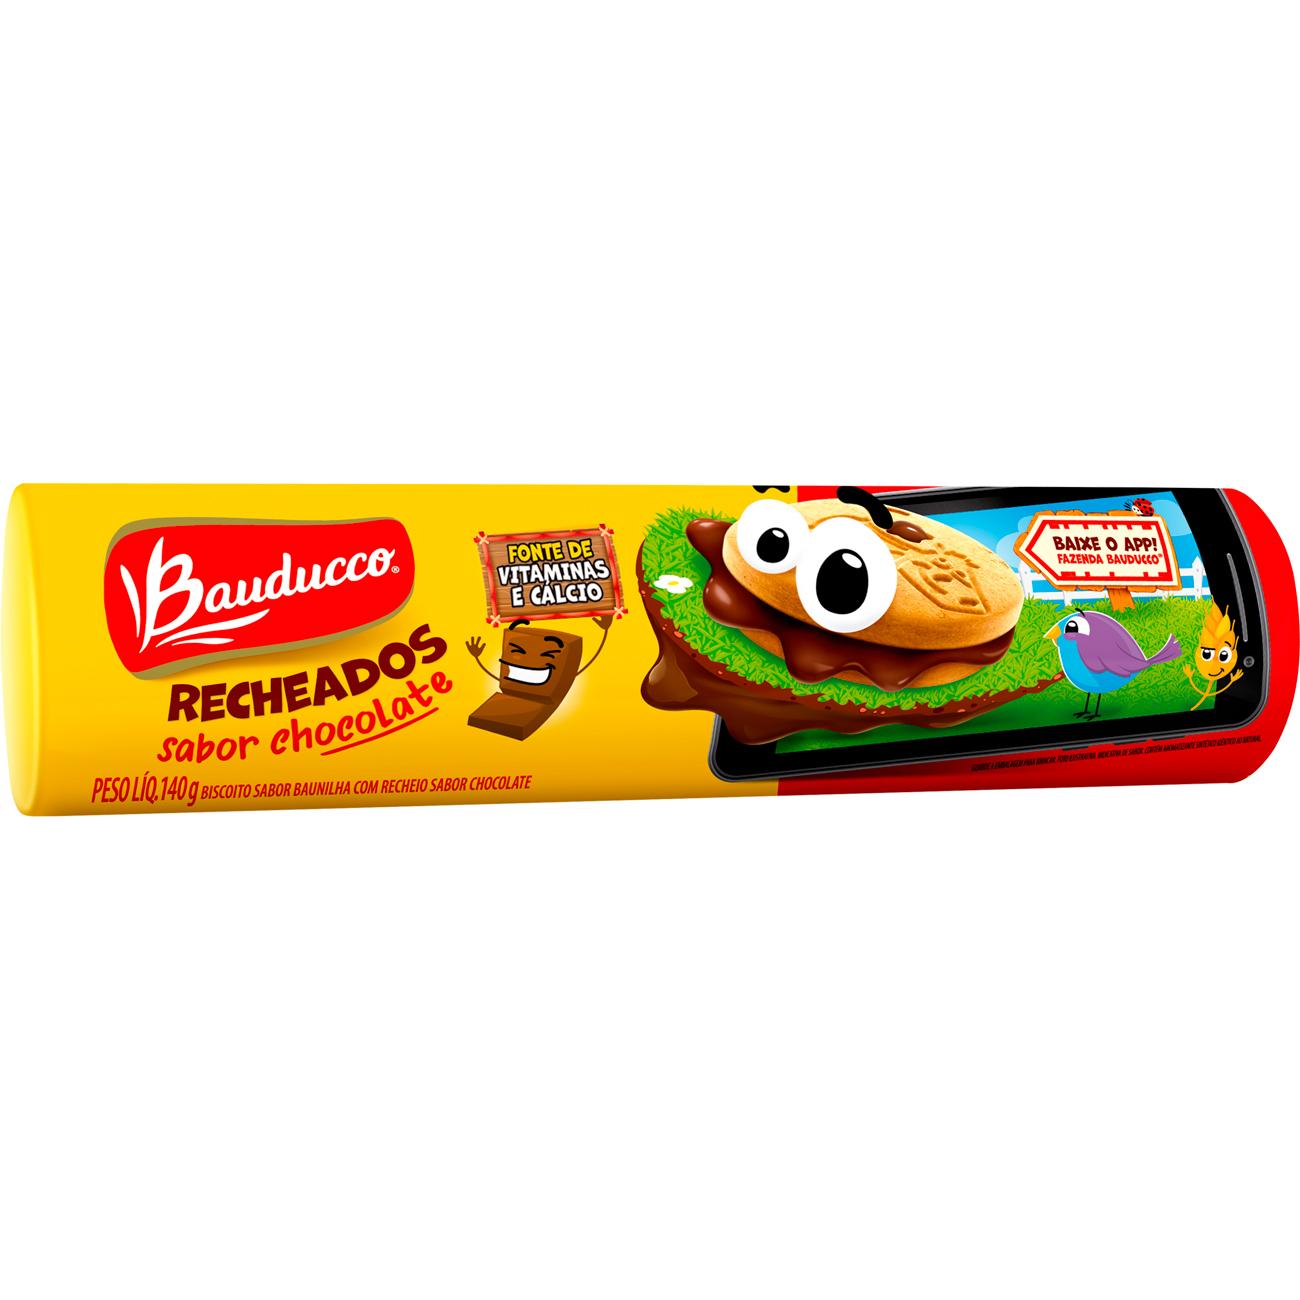 Biscoito Recheado Bauducco Gulosos Chocolate 140G